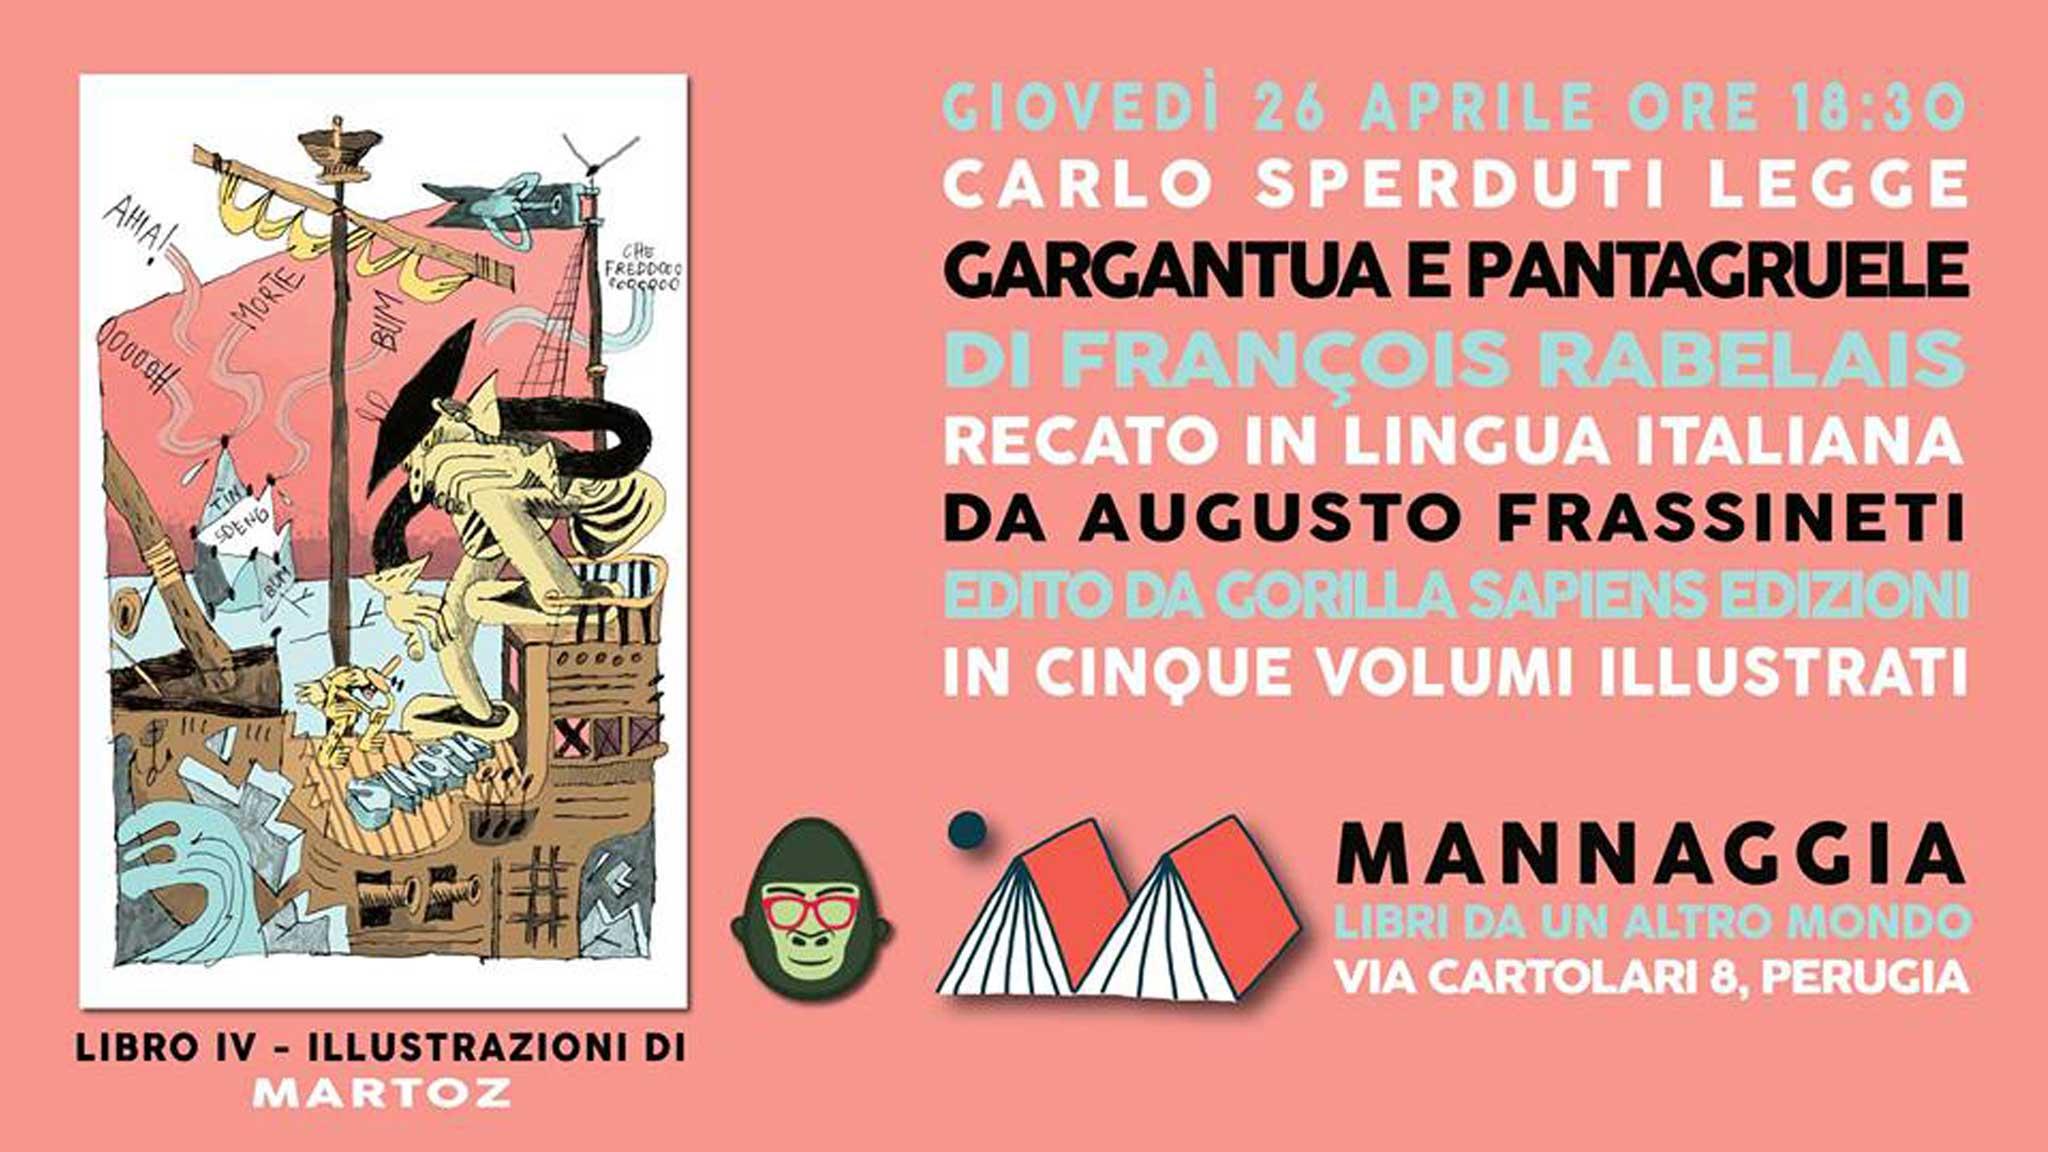 """Carlo Sperduti legge """"Gargantua e Pantagruele"""" - Libro IV"""